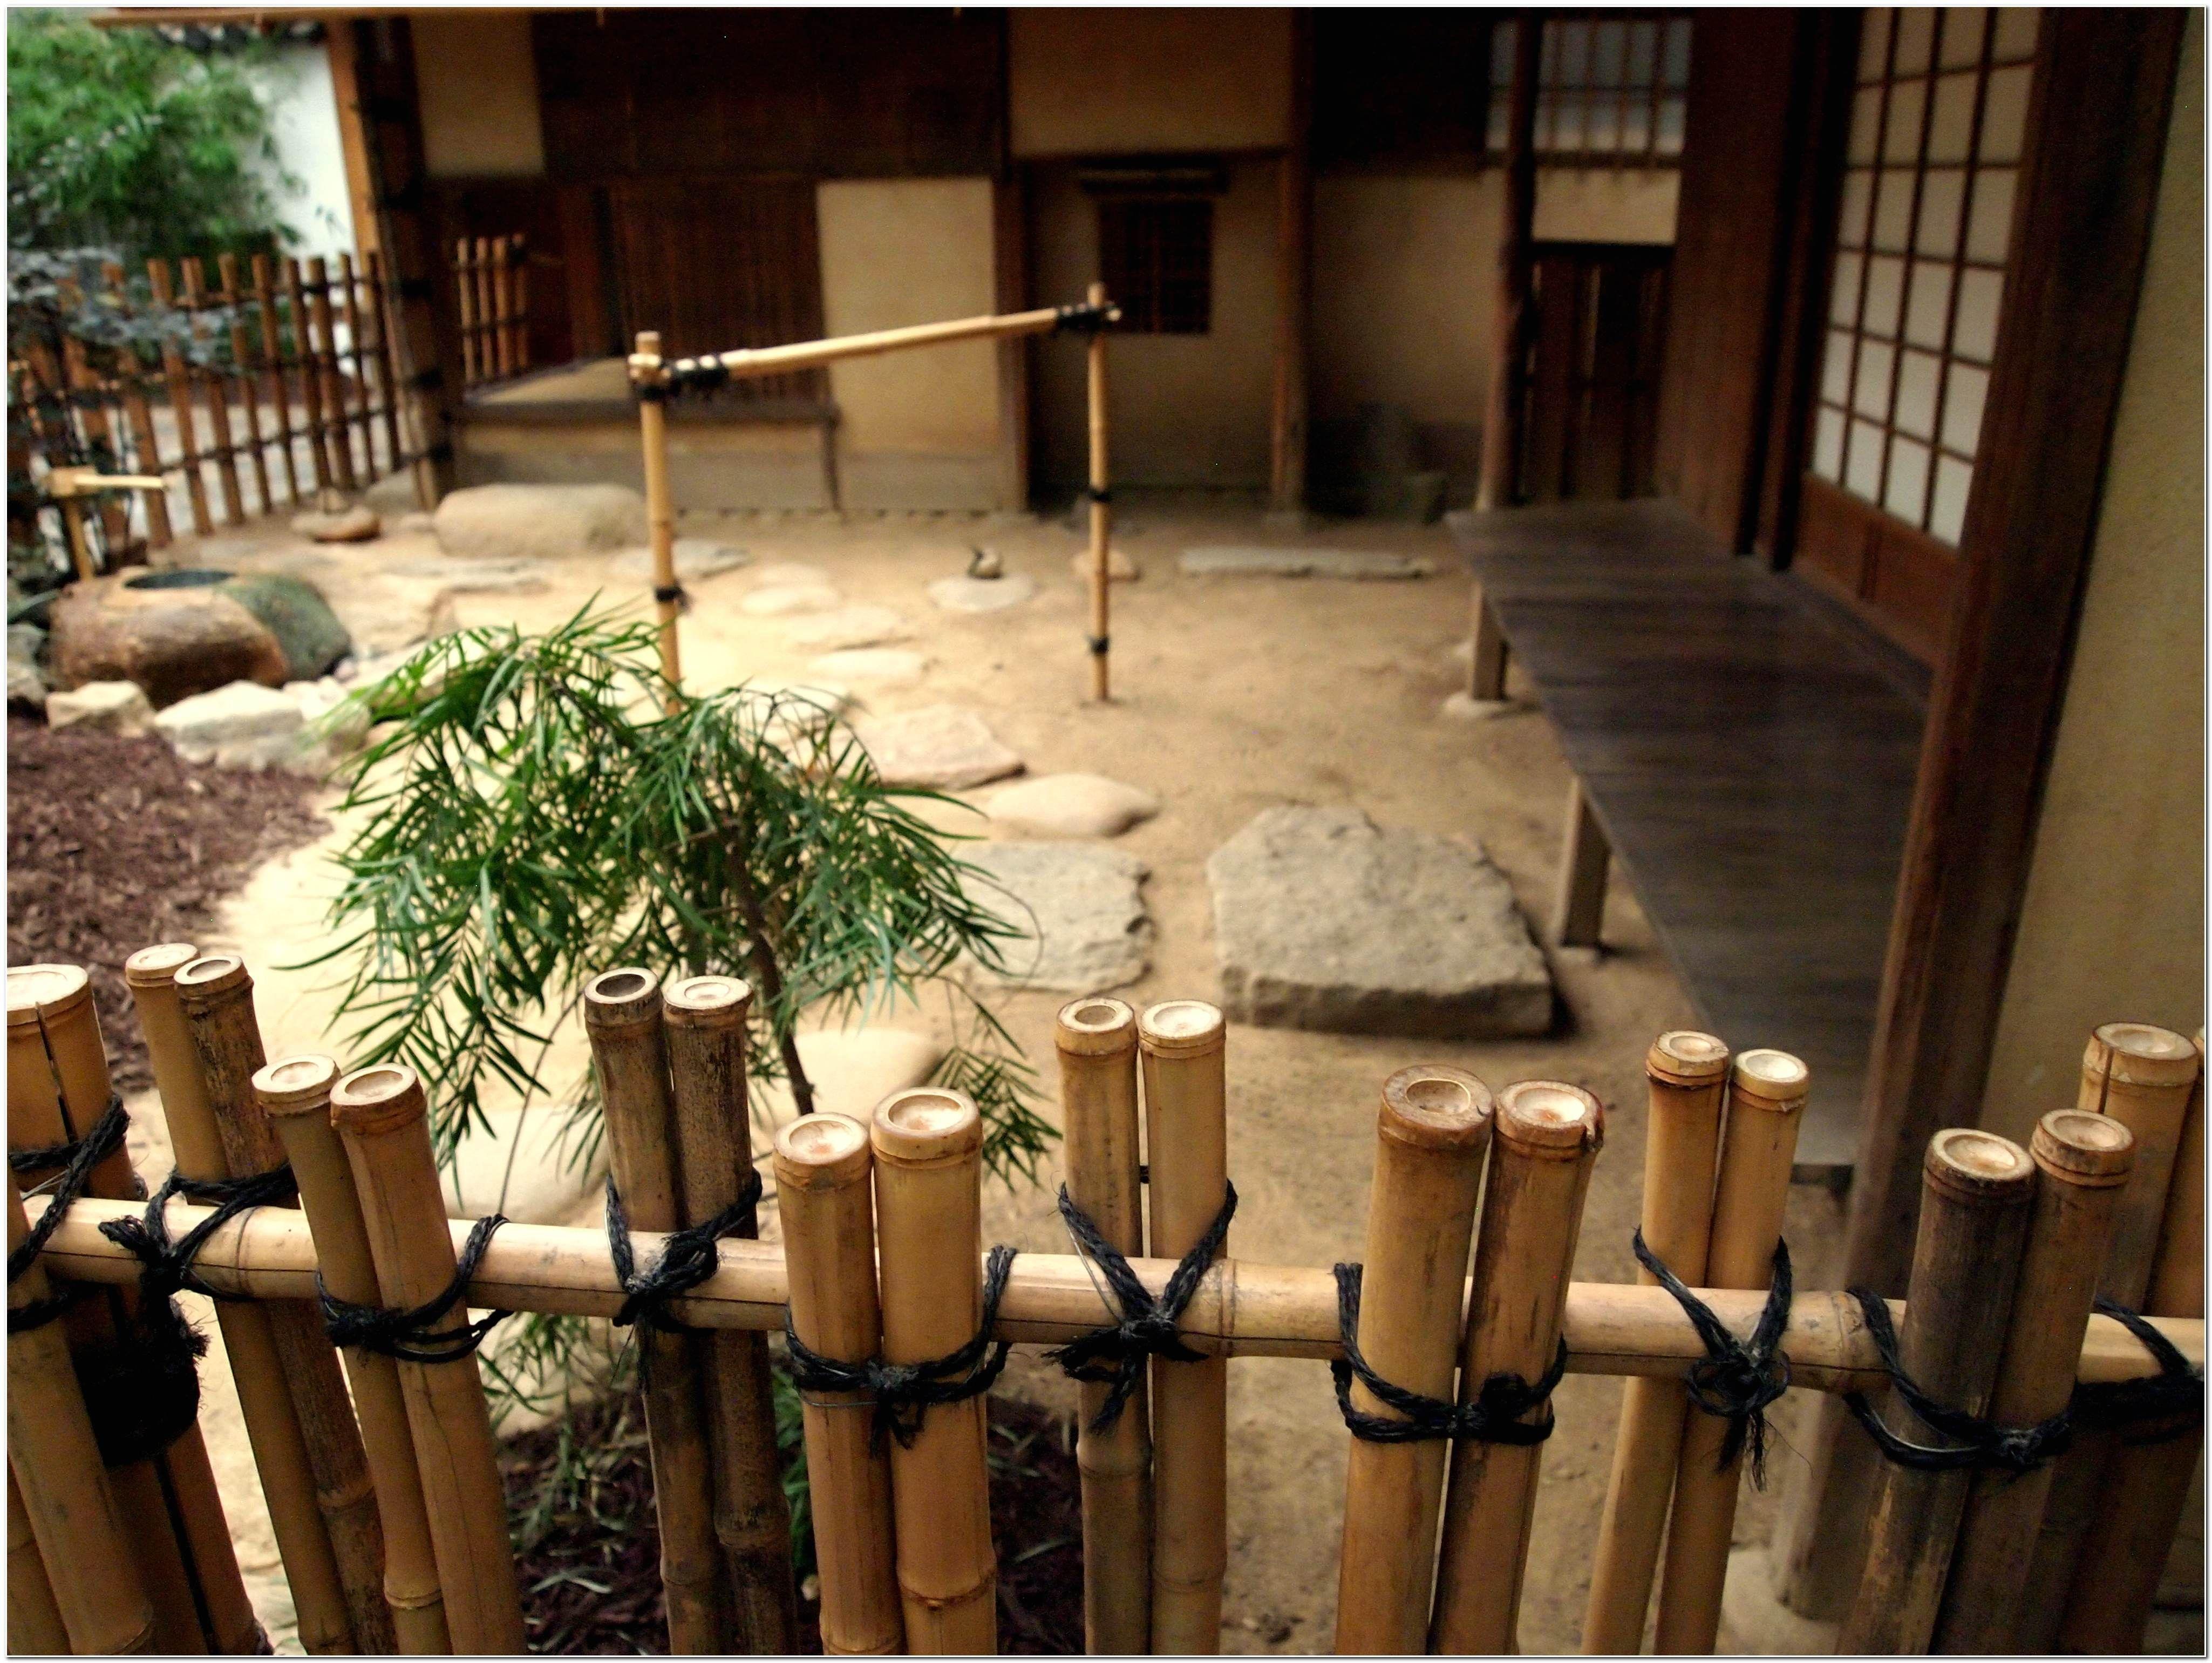 Outdoor Bamboo Fencing Ideas For Japanese Garden Diy Fence